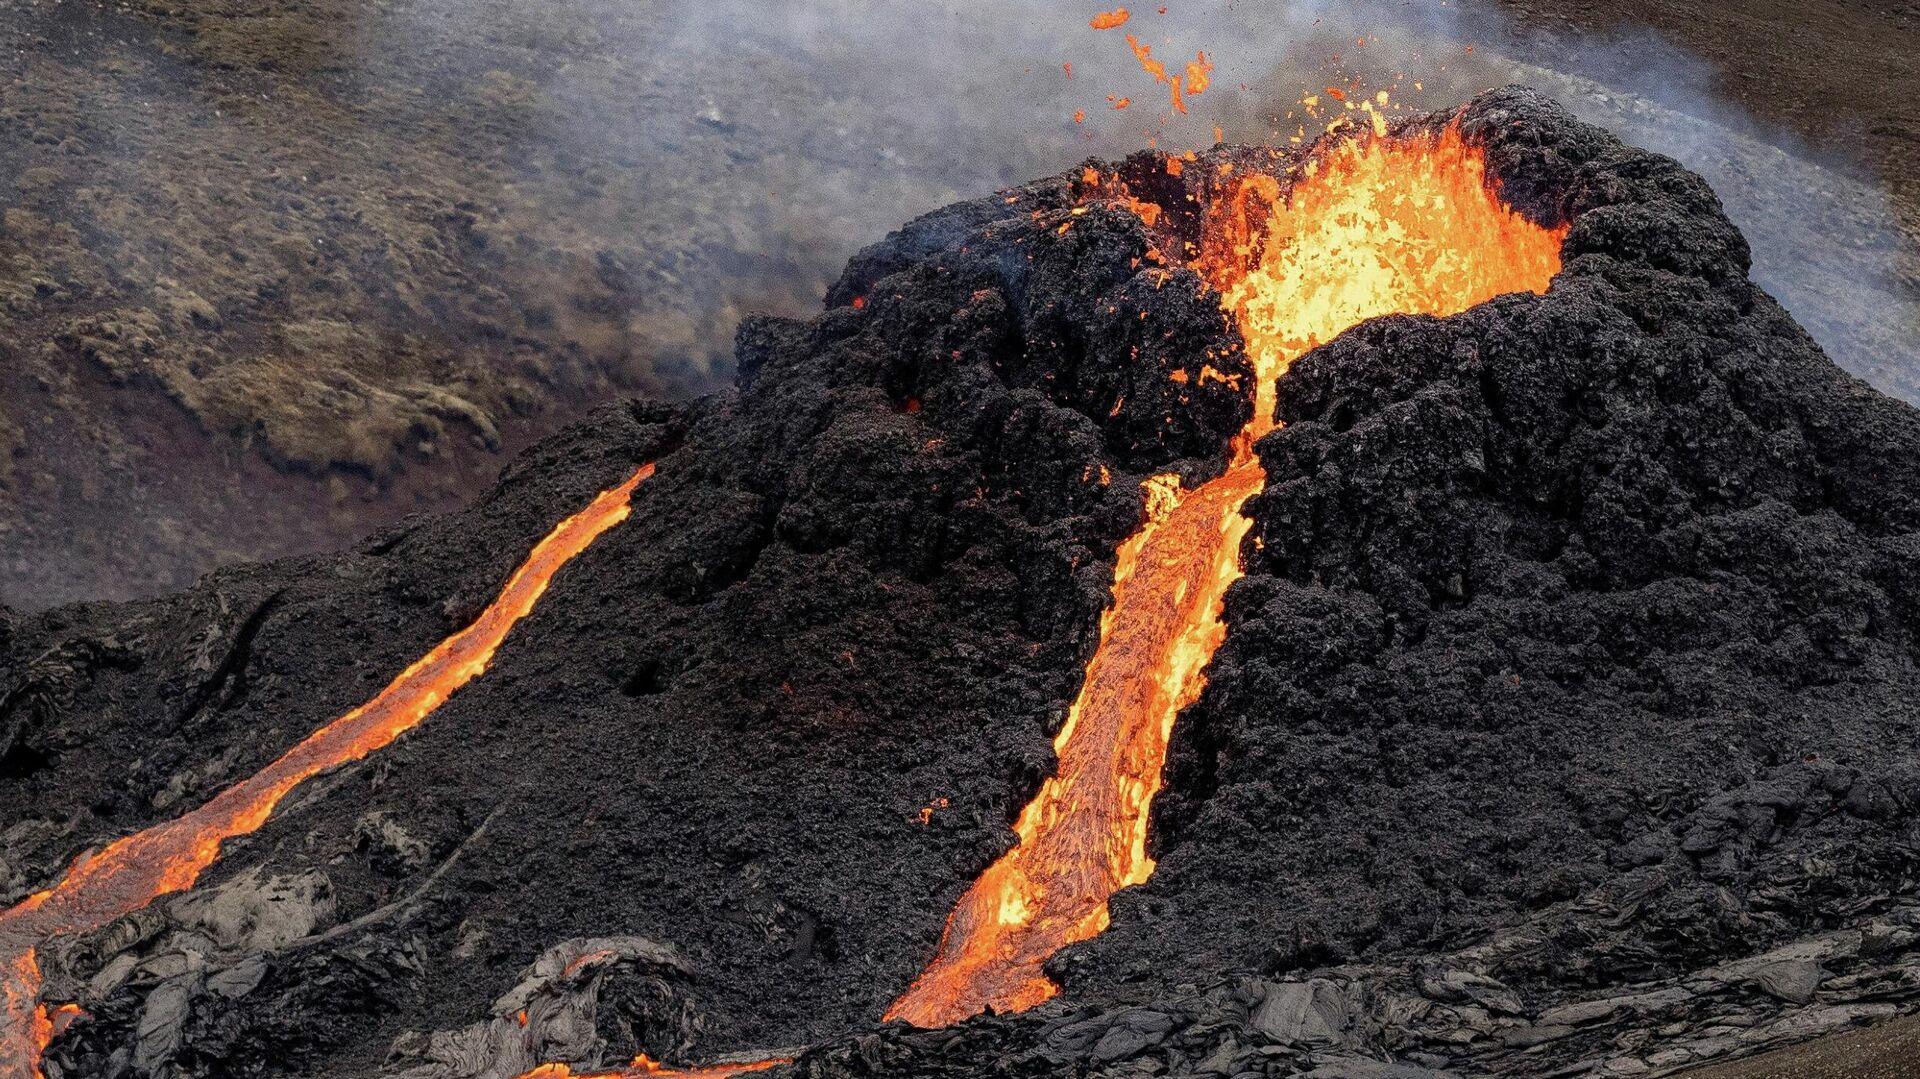 La erupción del volcán Fagradalsfjall en Islandia - Sputnik Mundo, 1920, 21.03.2021